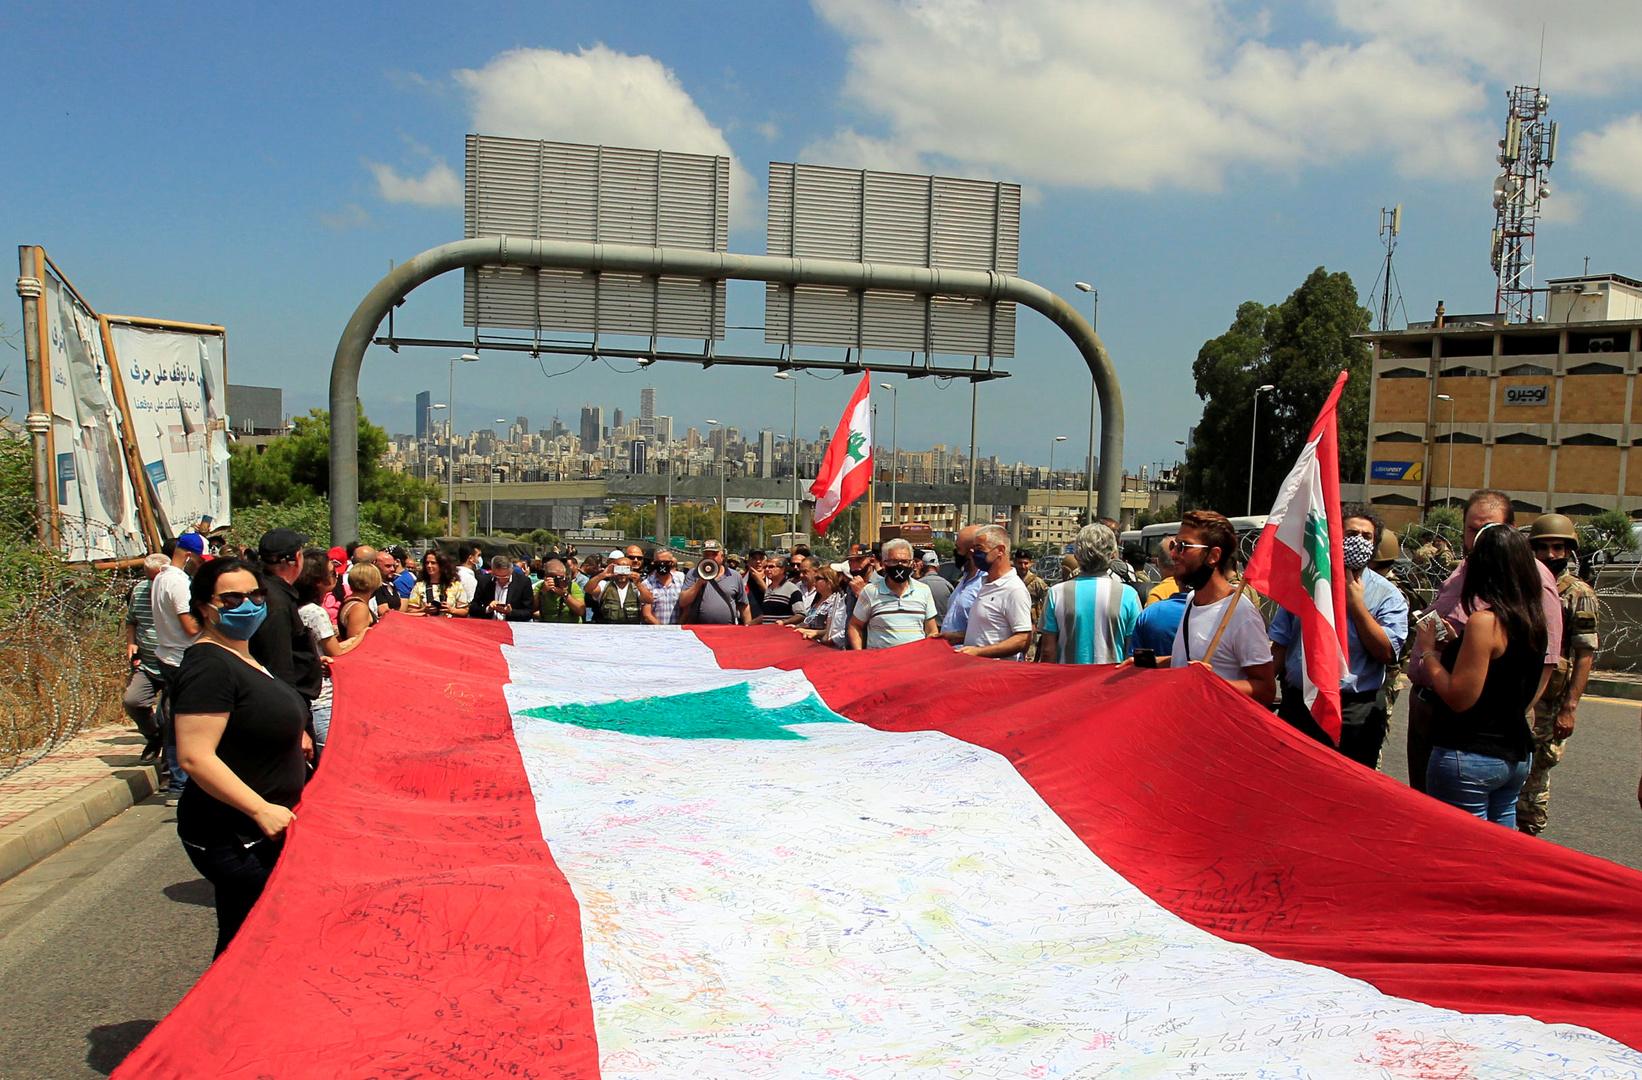 احتجاجات لبنان، أرشيف